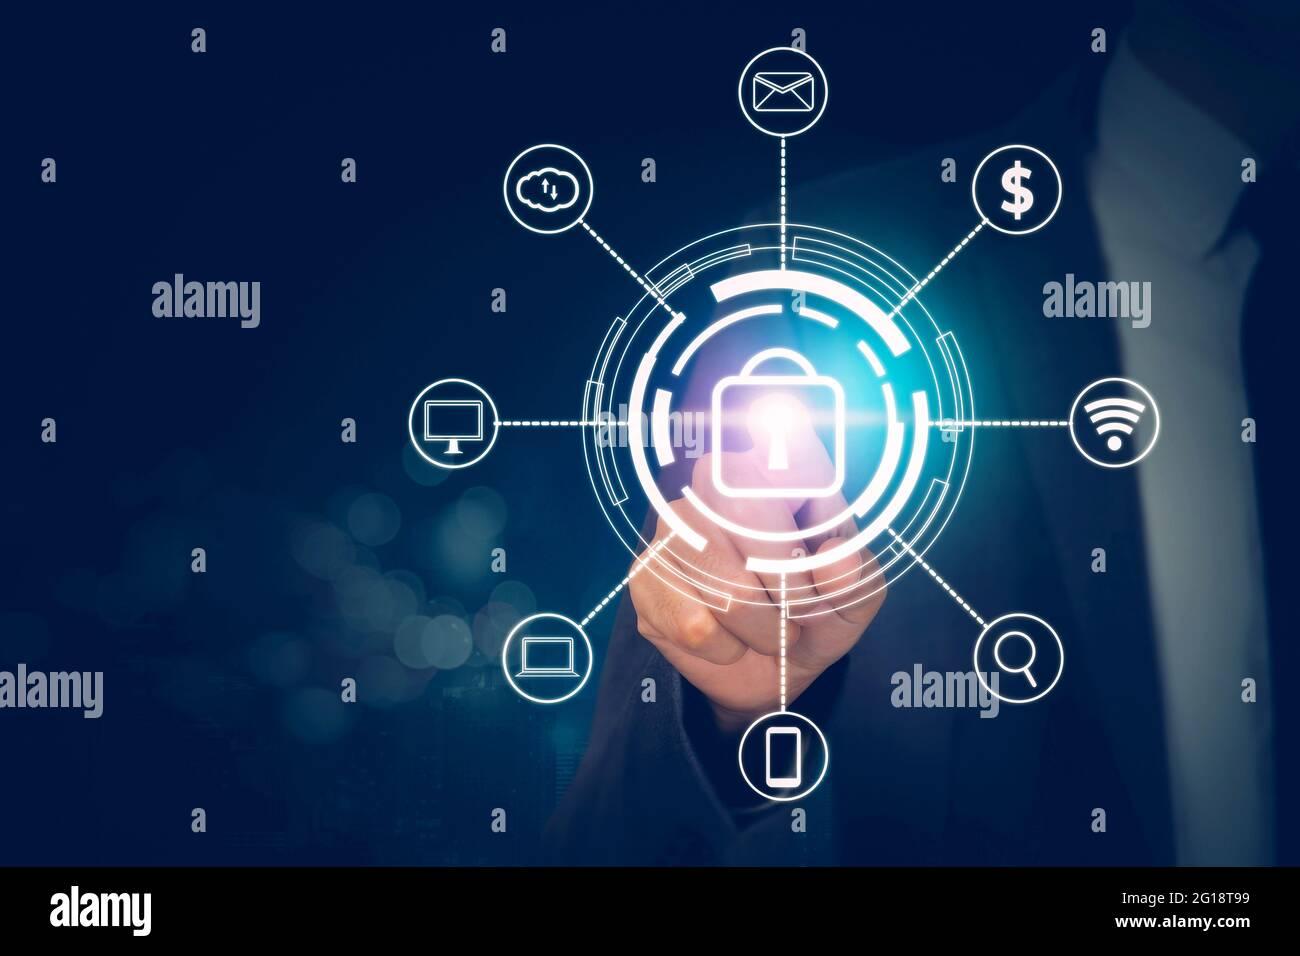 Mano de hombre de negocios que presiona el icono de candado mientras que la ciberseguridad con acceso con dedo, datos y privacidad con protección digital virtual, la innovación Foto de stock